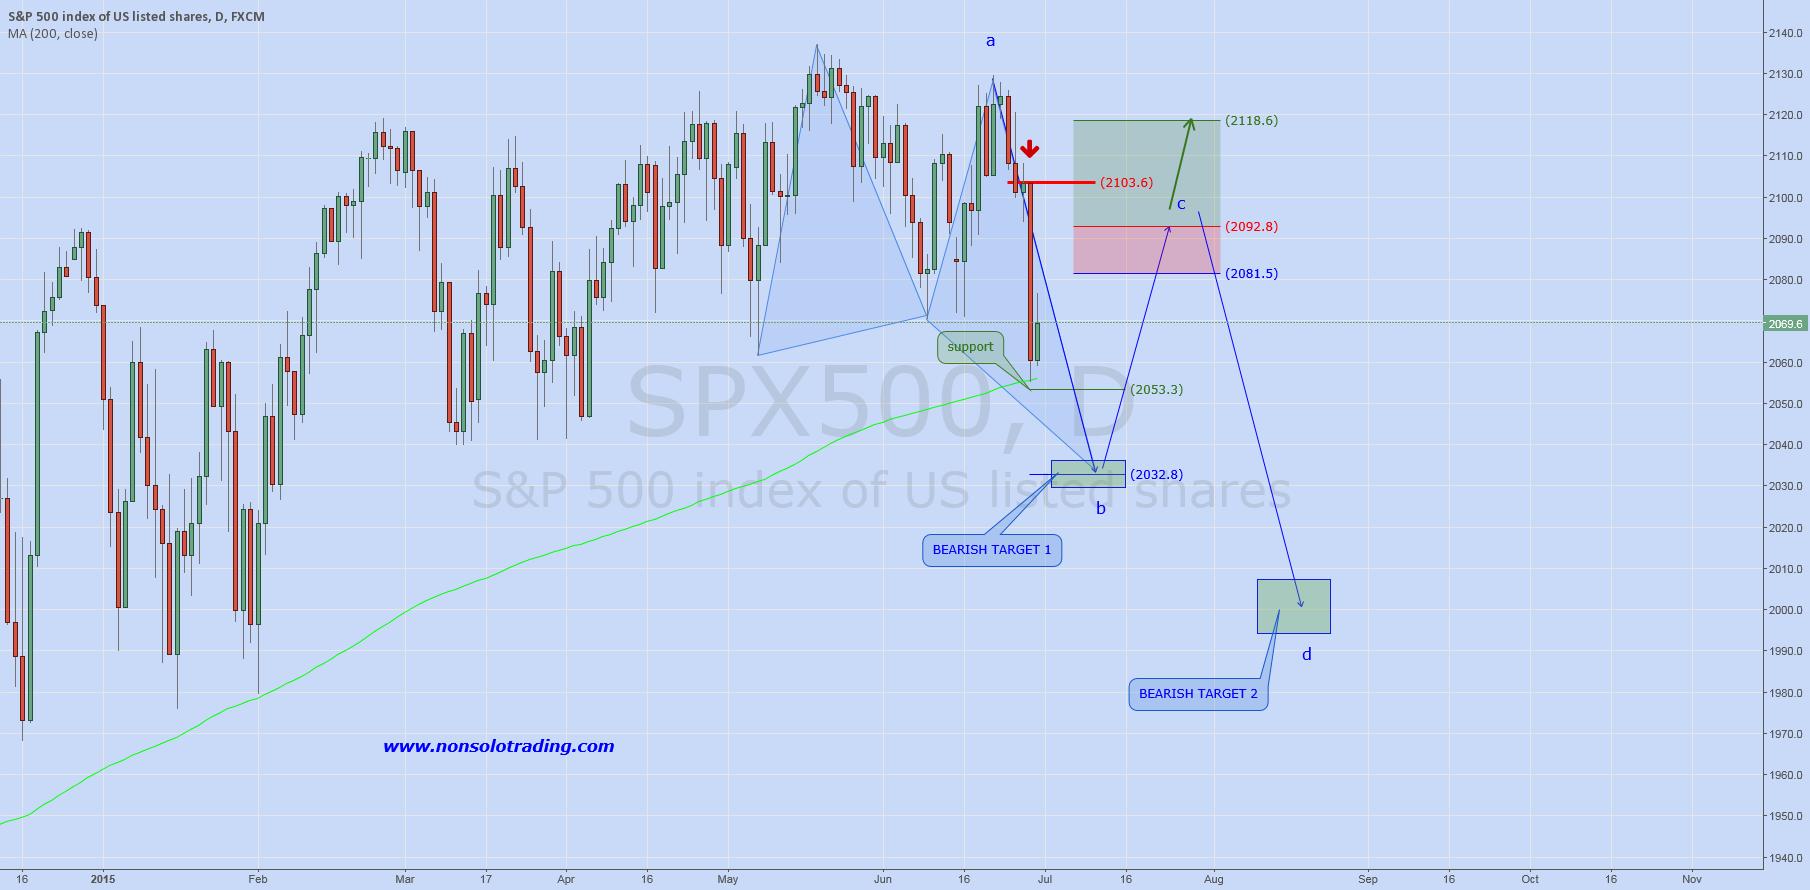 SP500: Daily Analysis